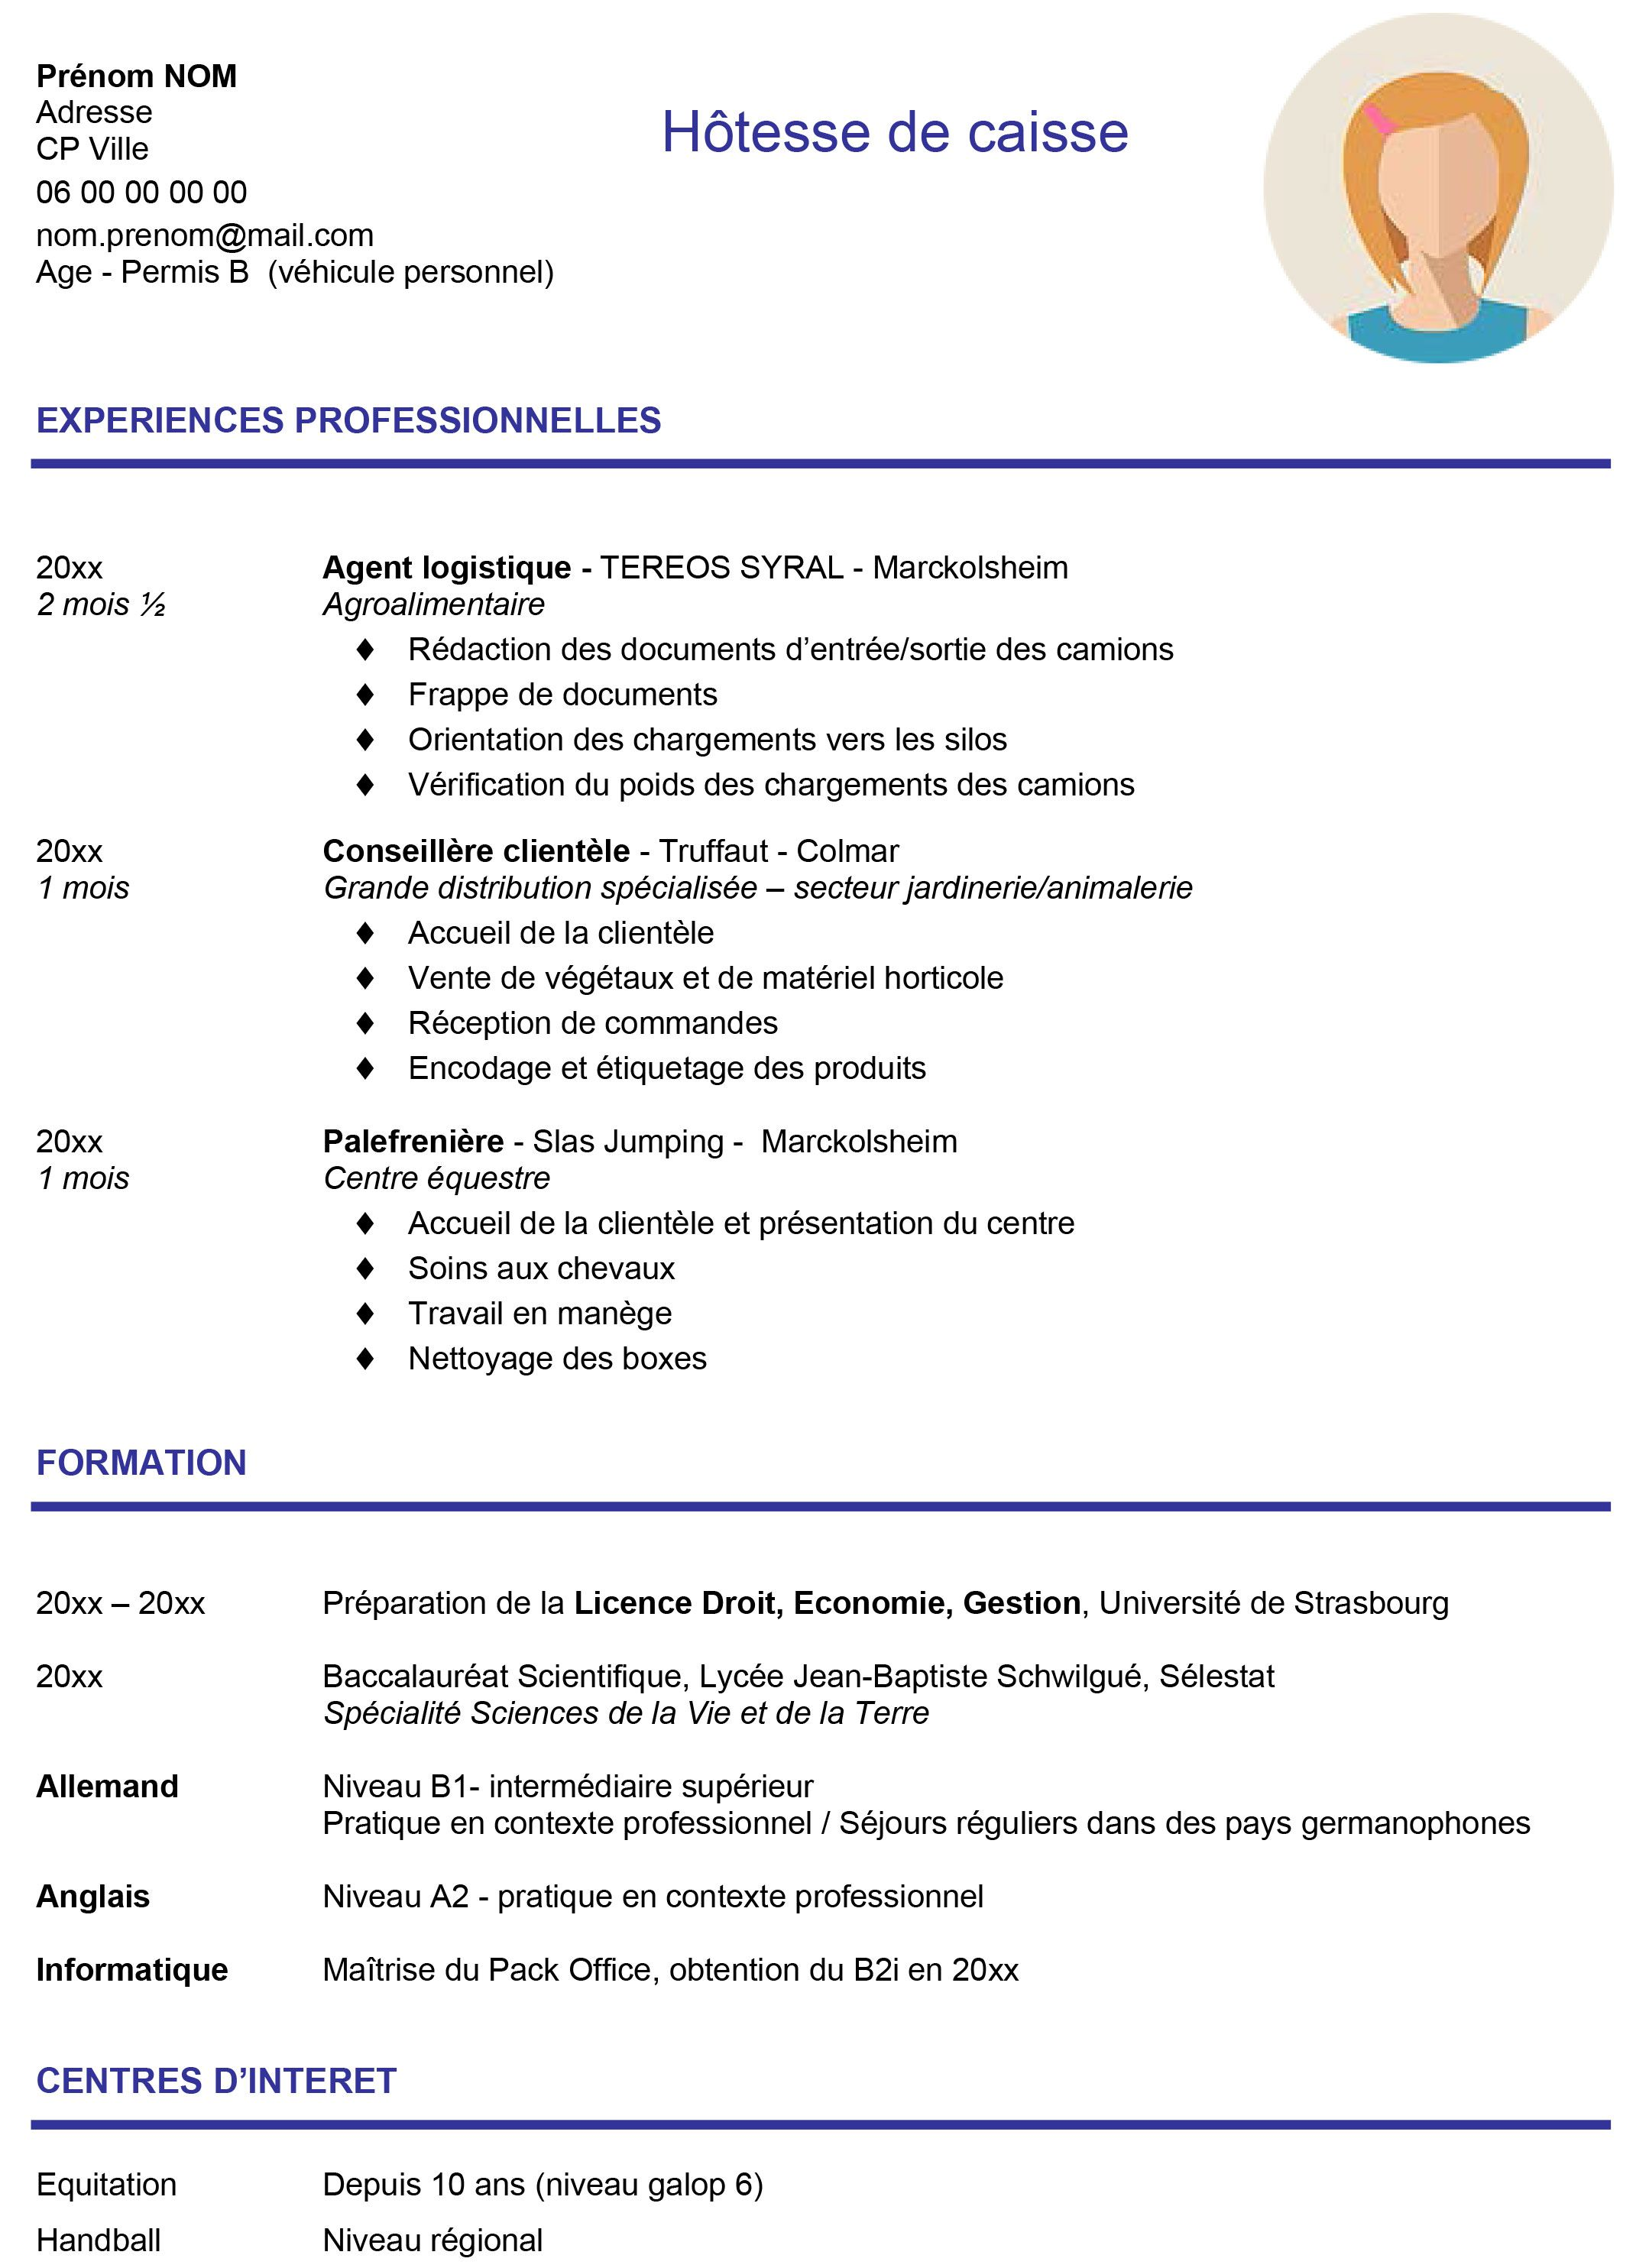 Modeles De Lettre Motivation Exemples De Cv Et Discours Alles Pin Cv Words Cv For Students Microsoft Word Document